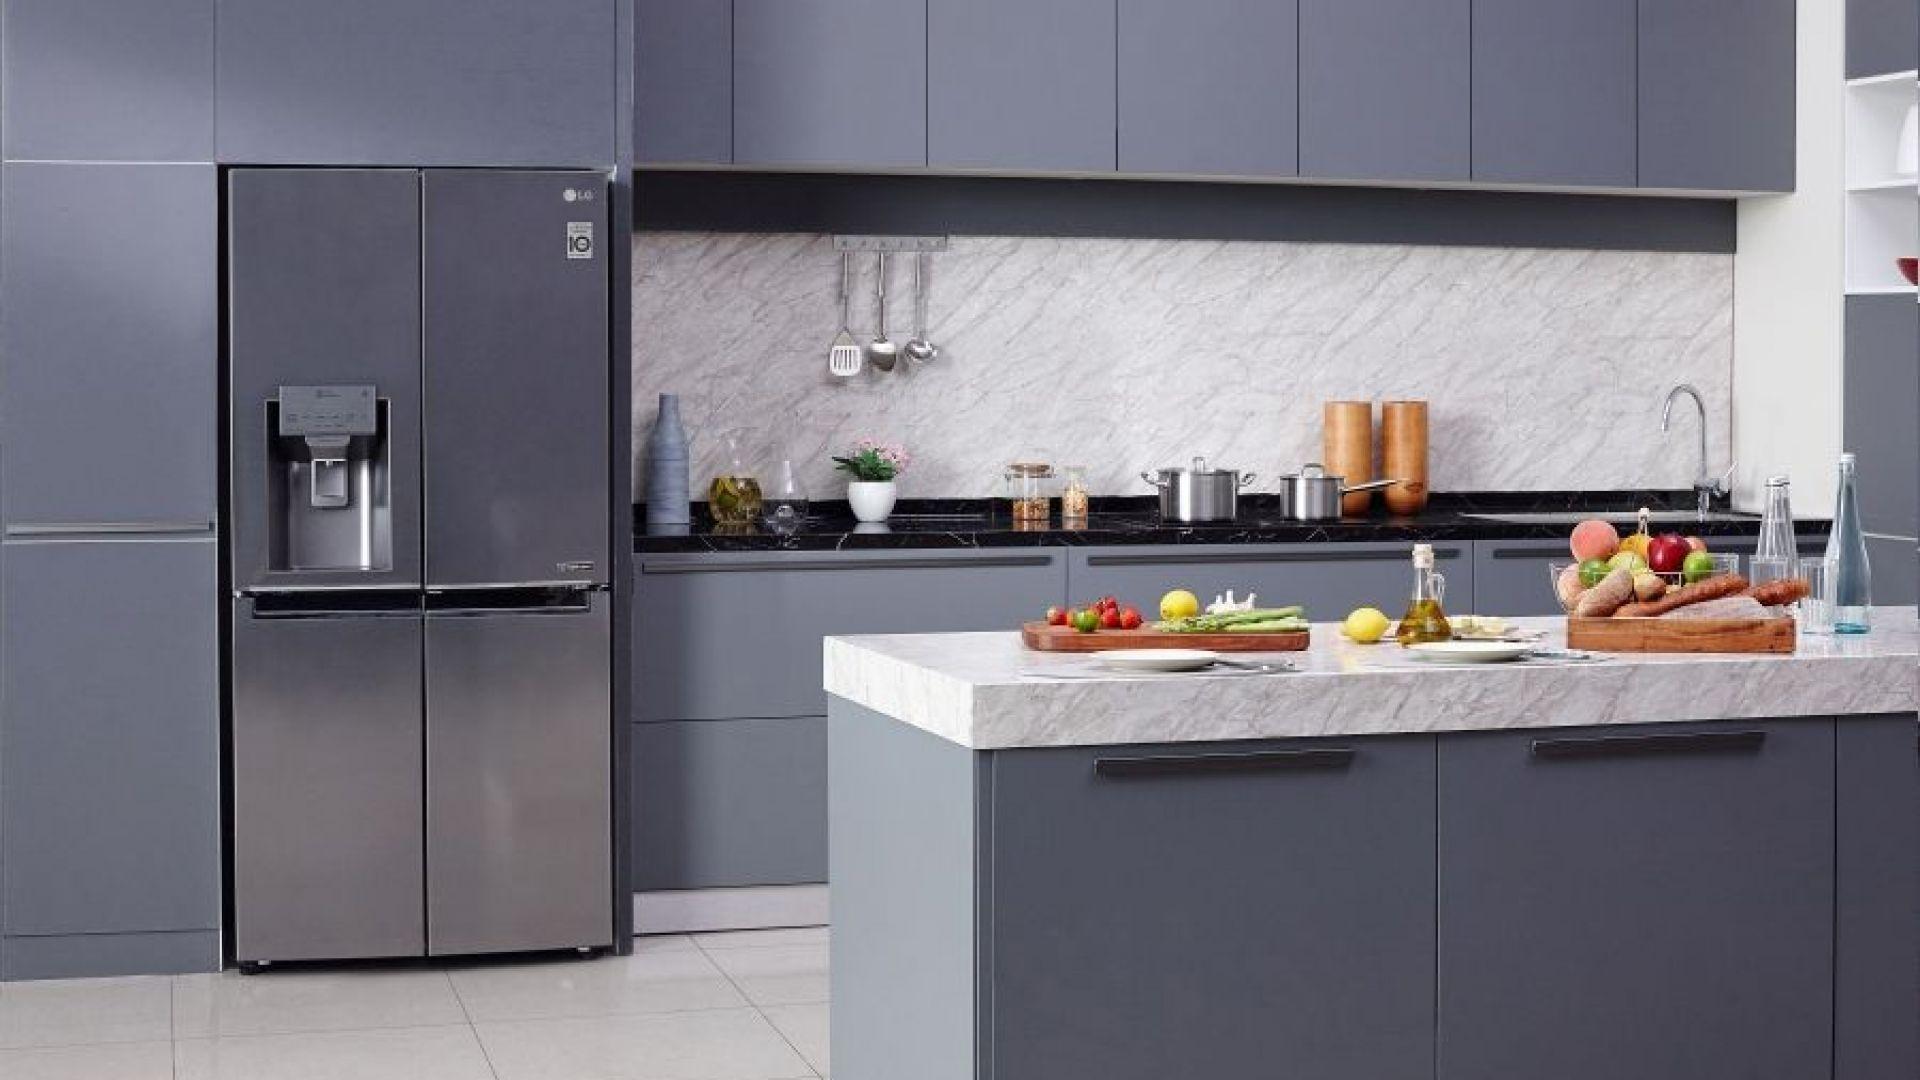 Кои са най-важните характеристики, за които трябва да следим при избор на нов хладилник